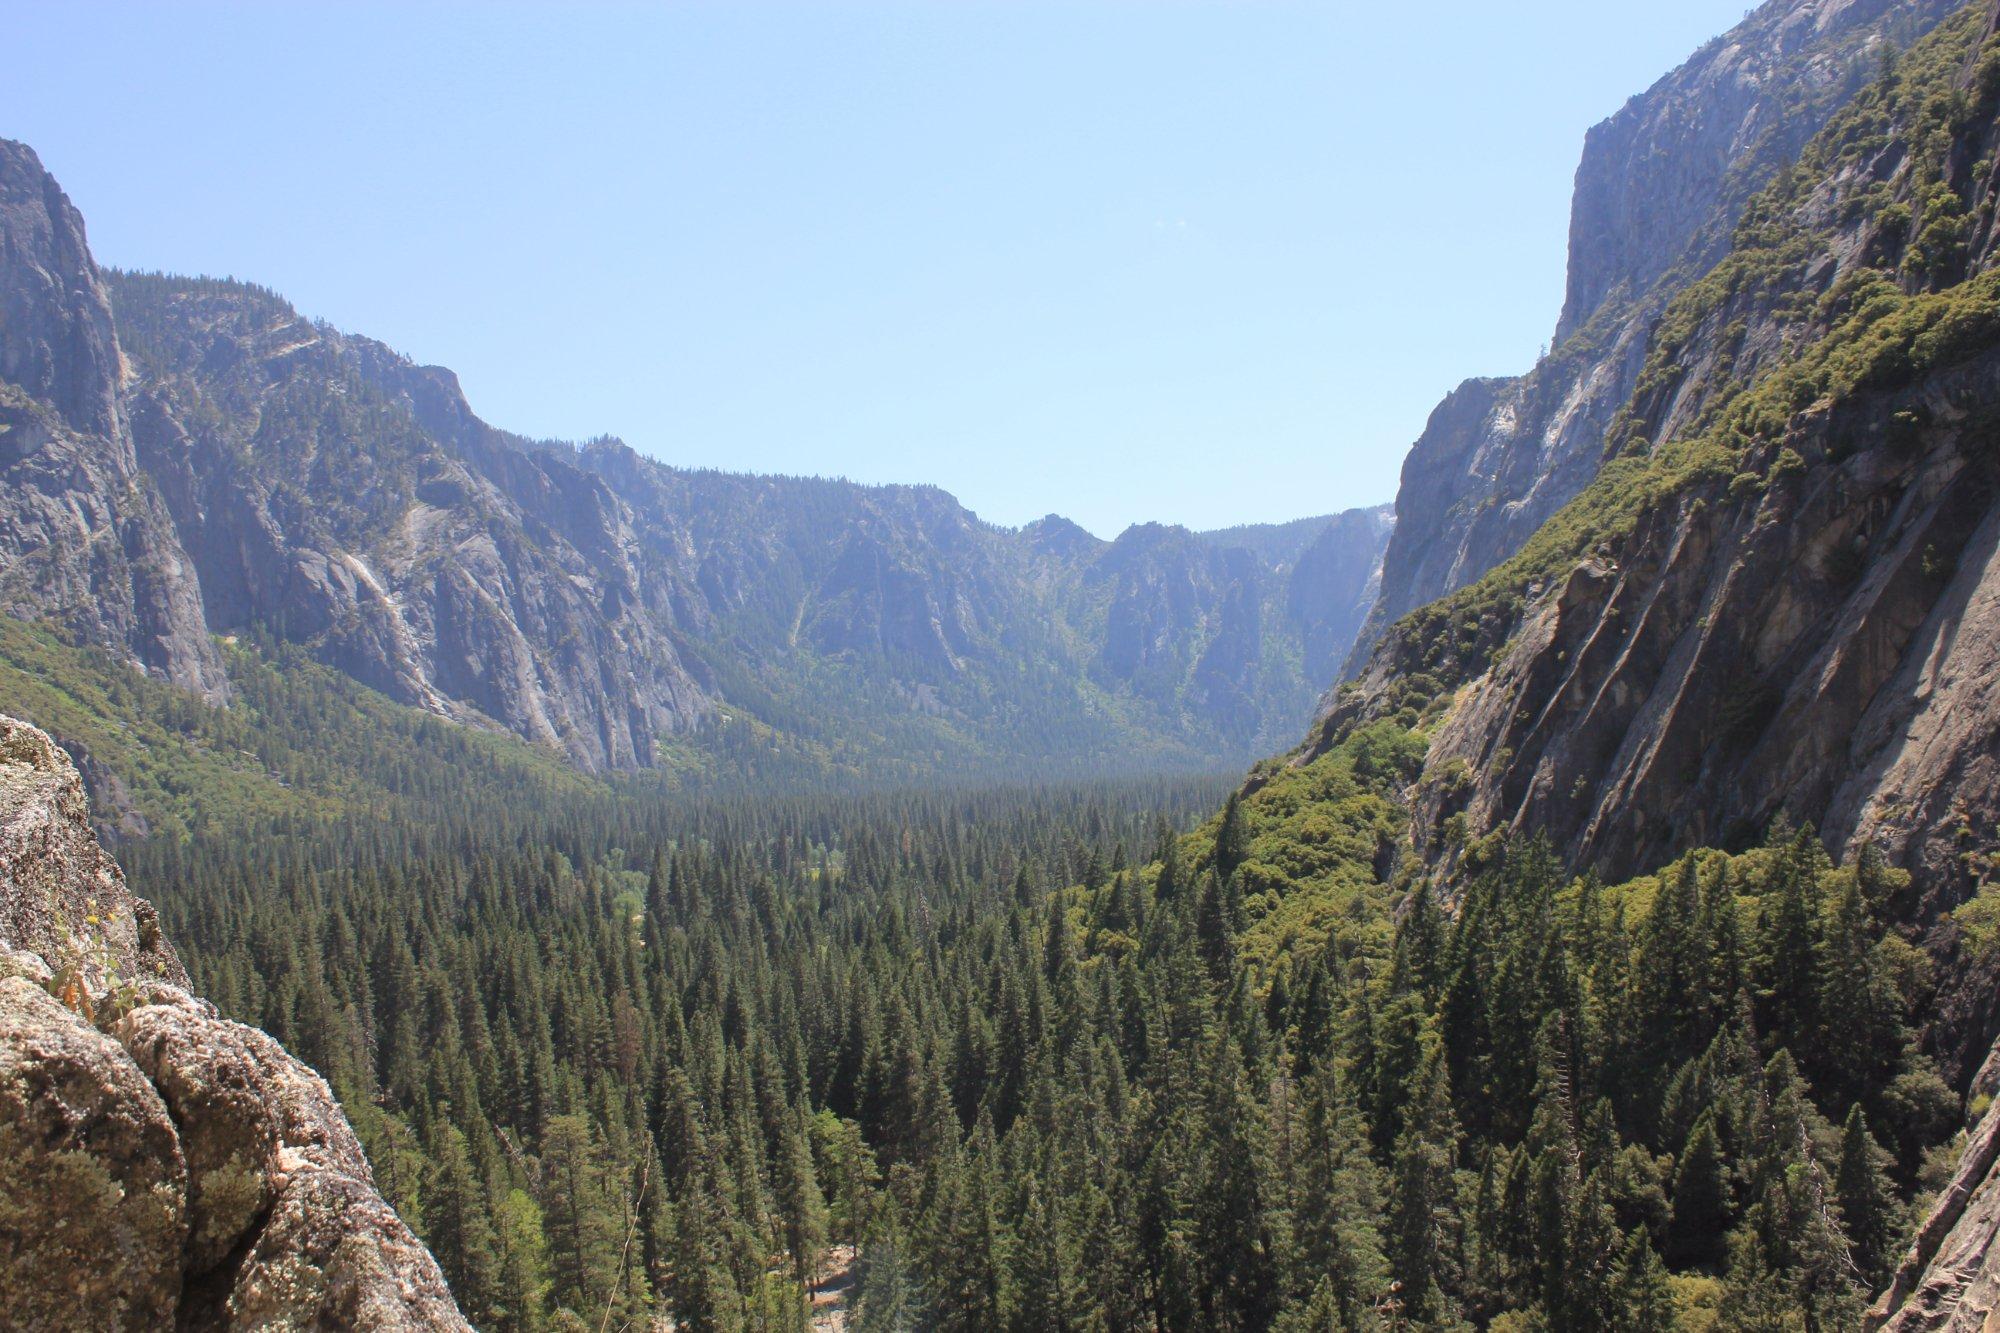 View from Sunnyside Bench, Yosemite, CA